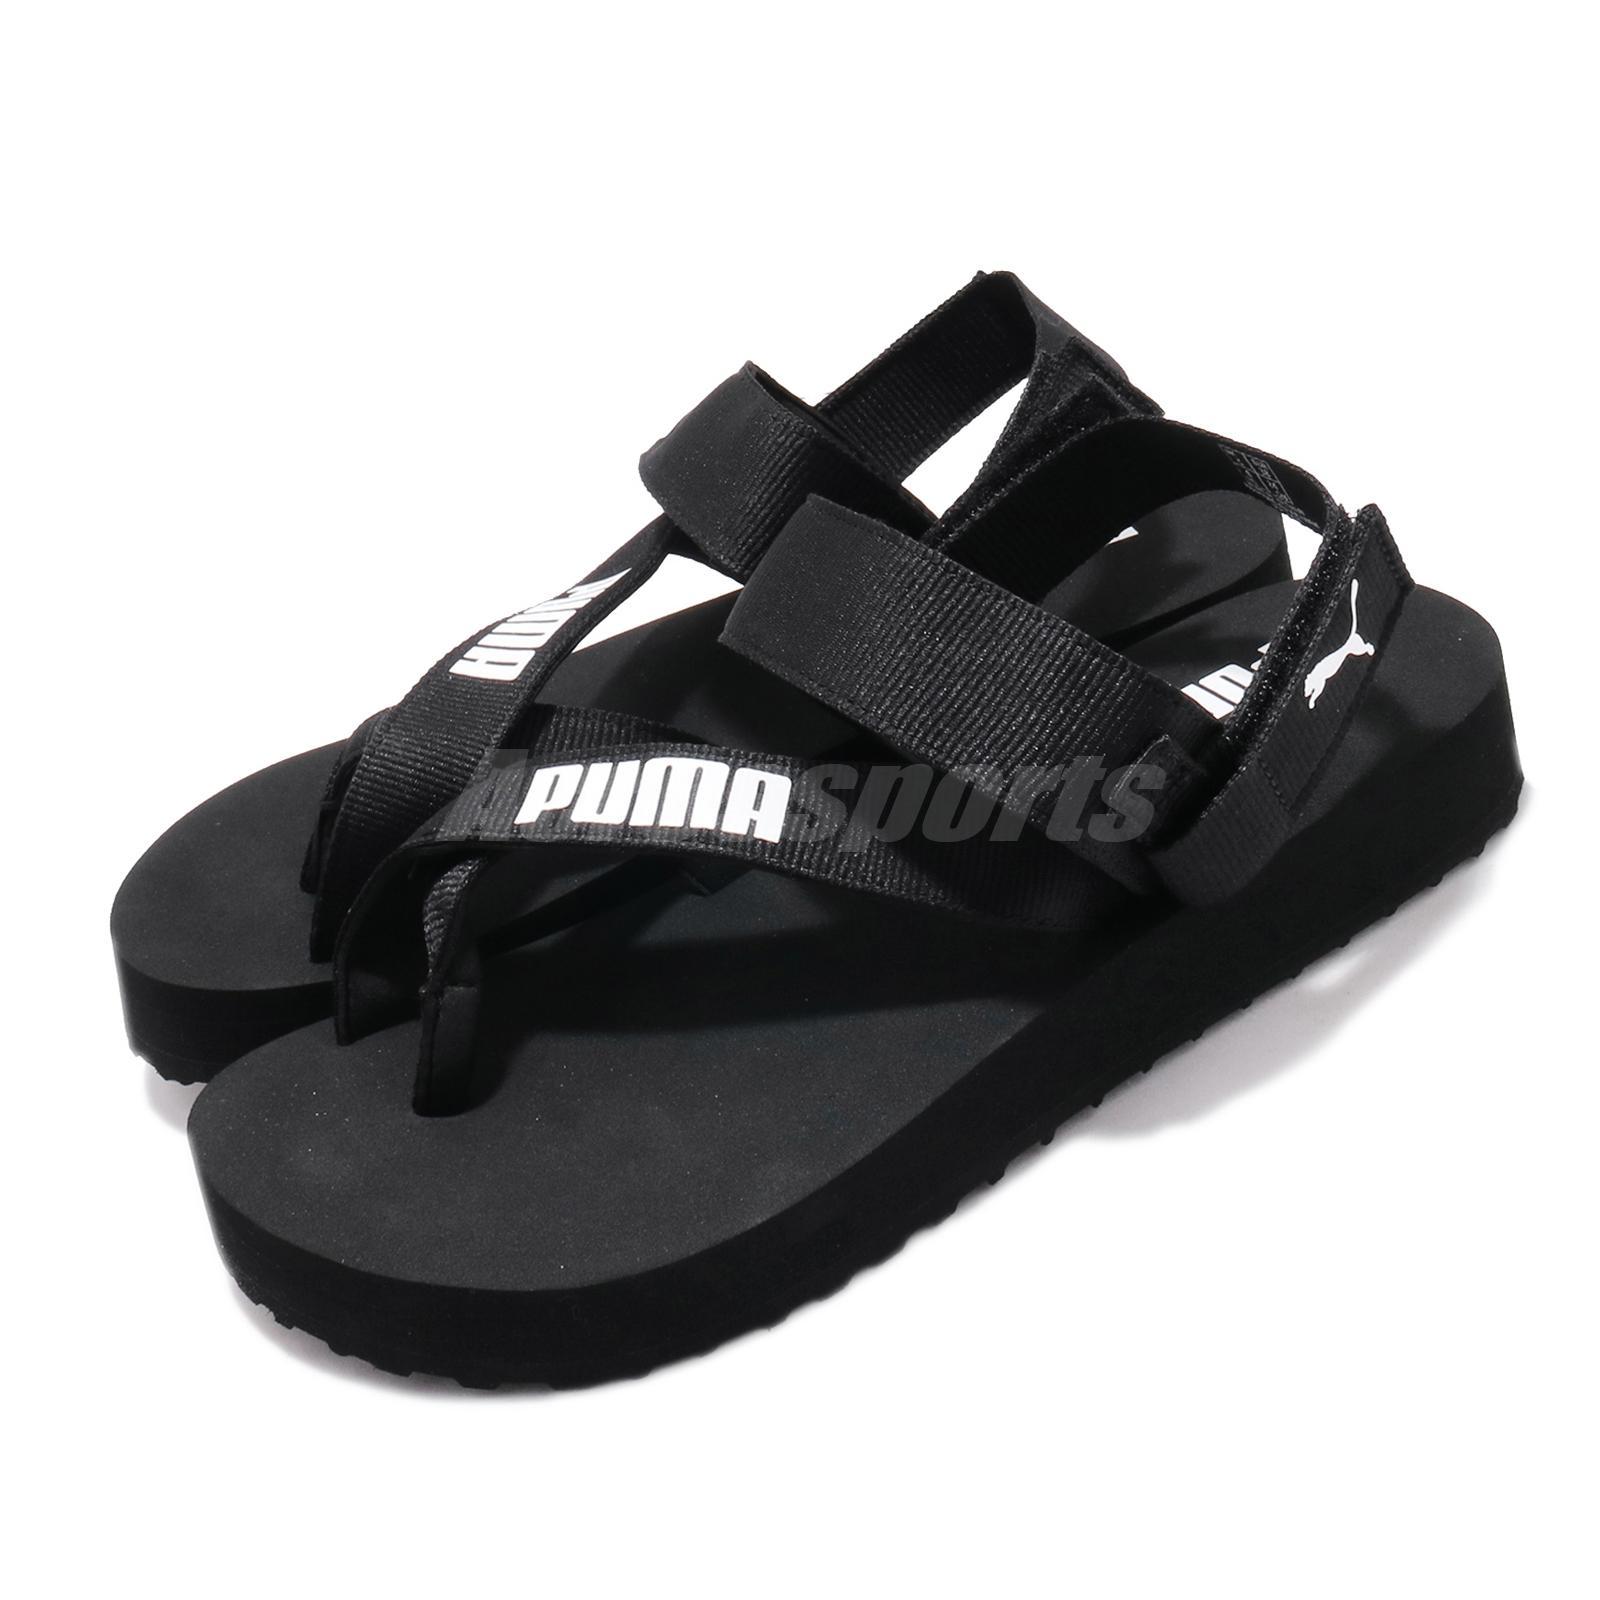 Puma SummerCat Black White Strap Women